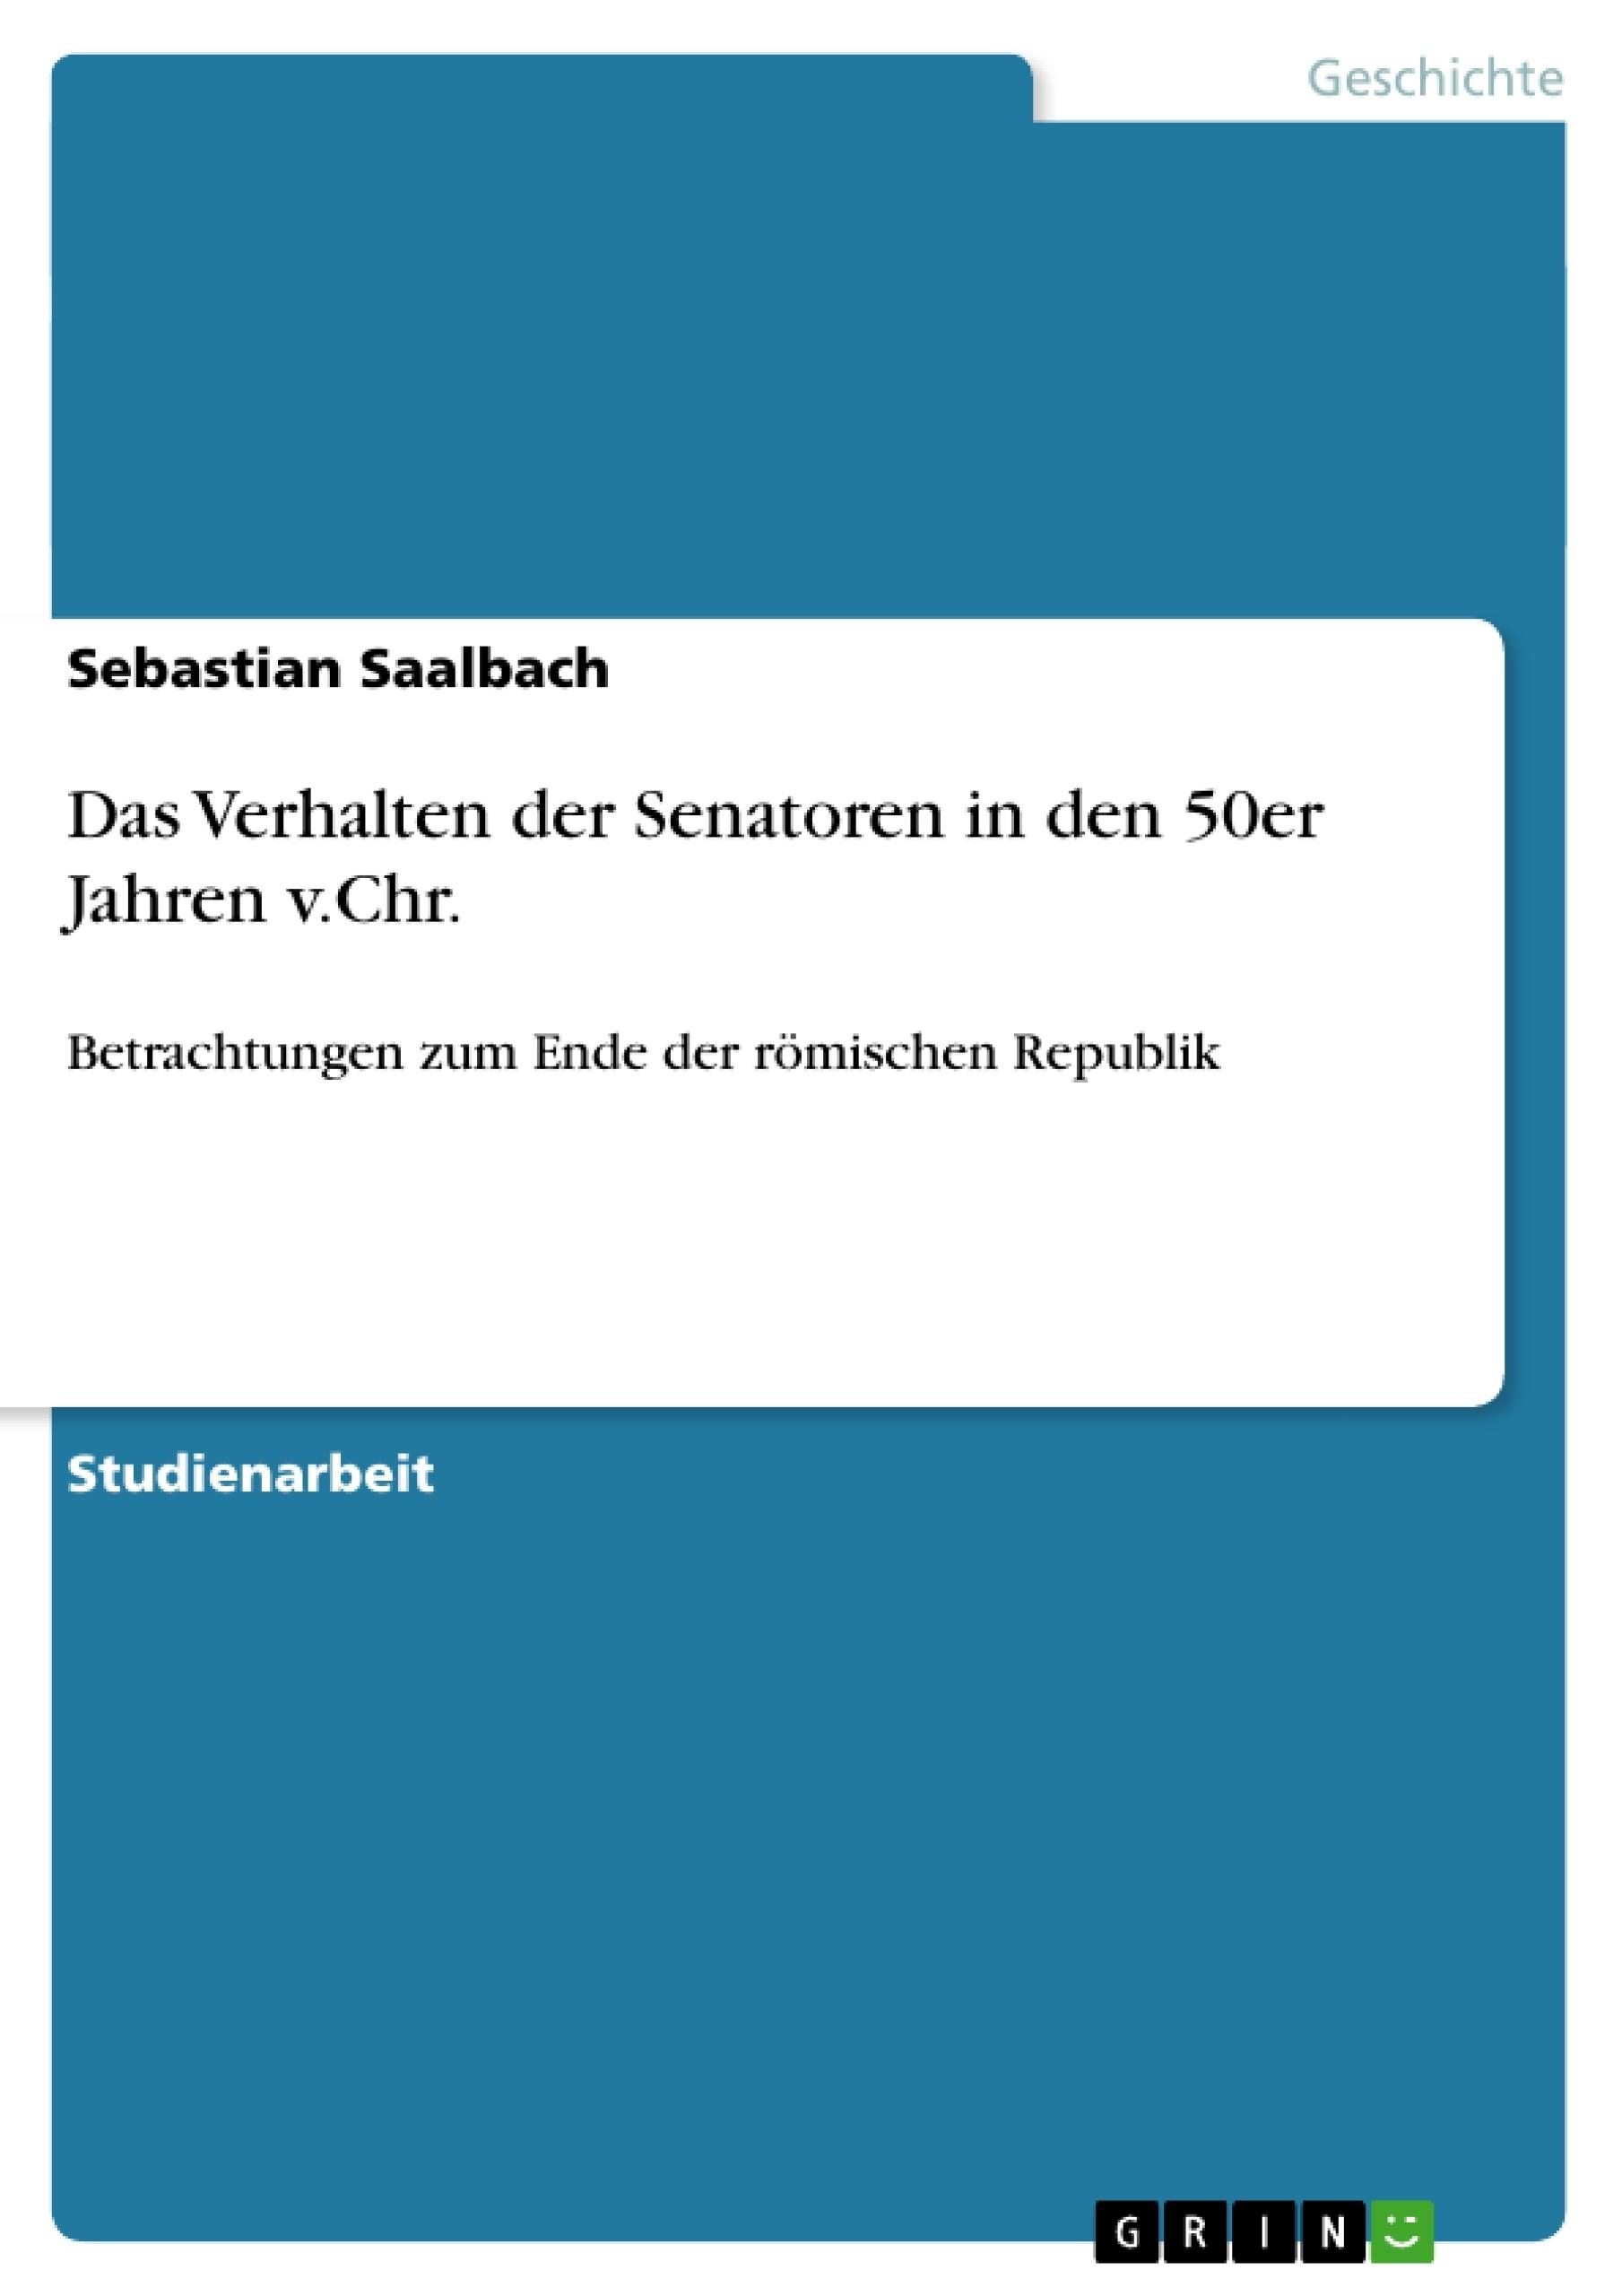 Titel: Das Verhalten der Senatoren in den 50er Jahren v.Chr.